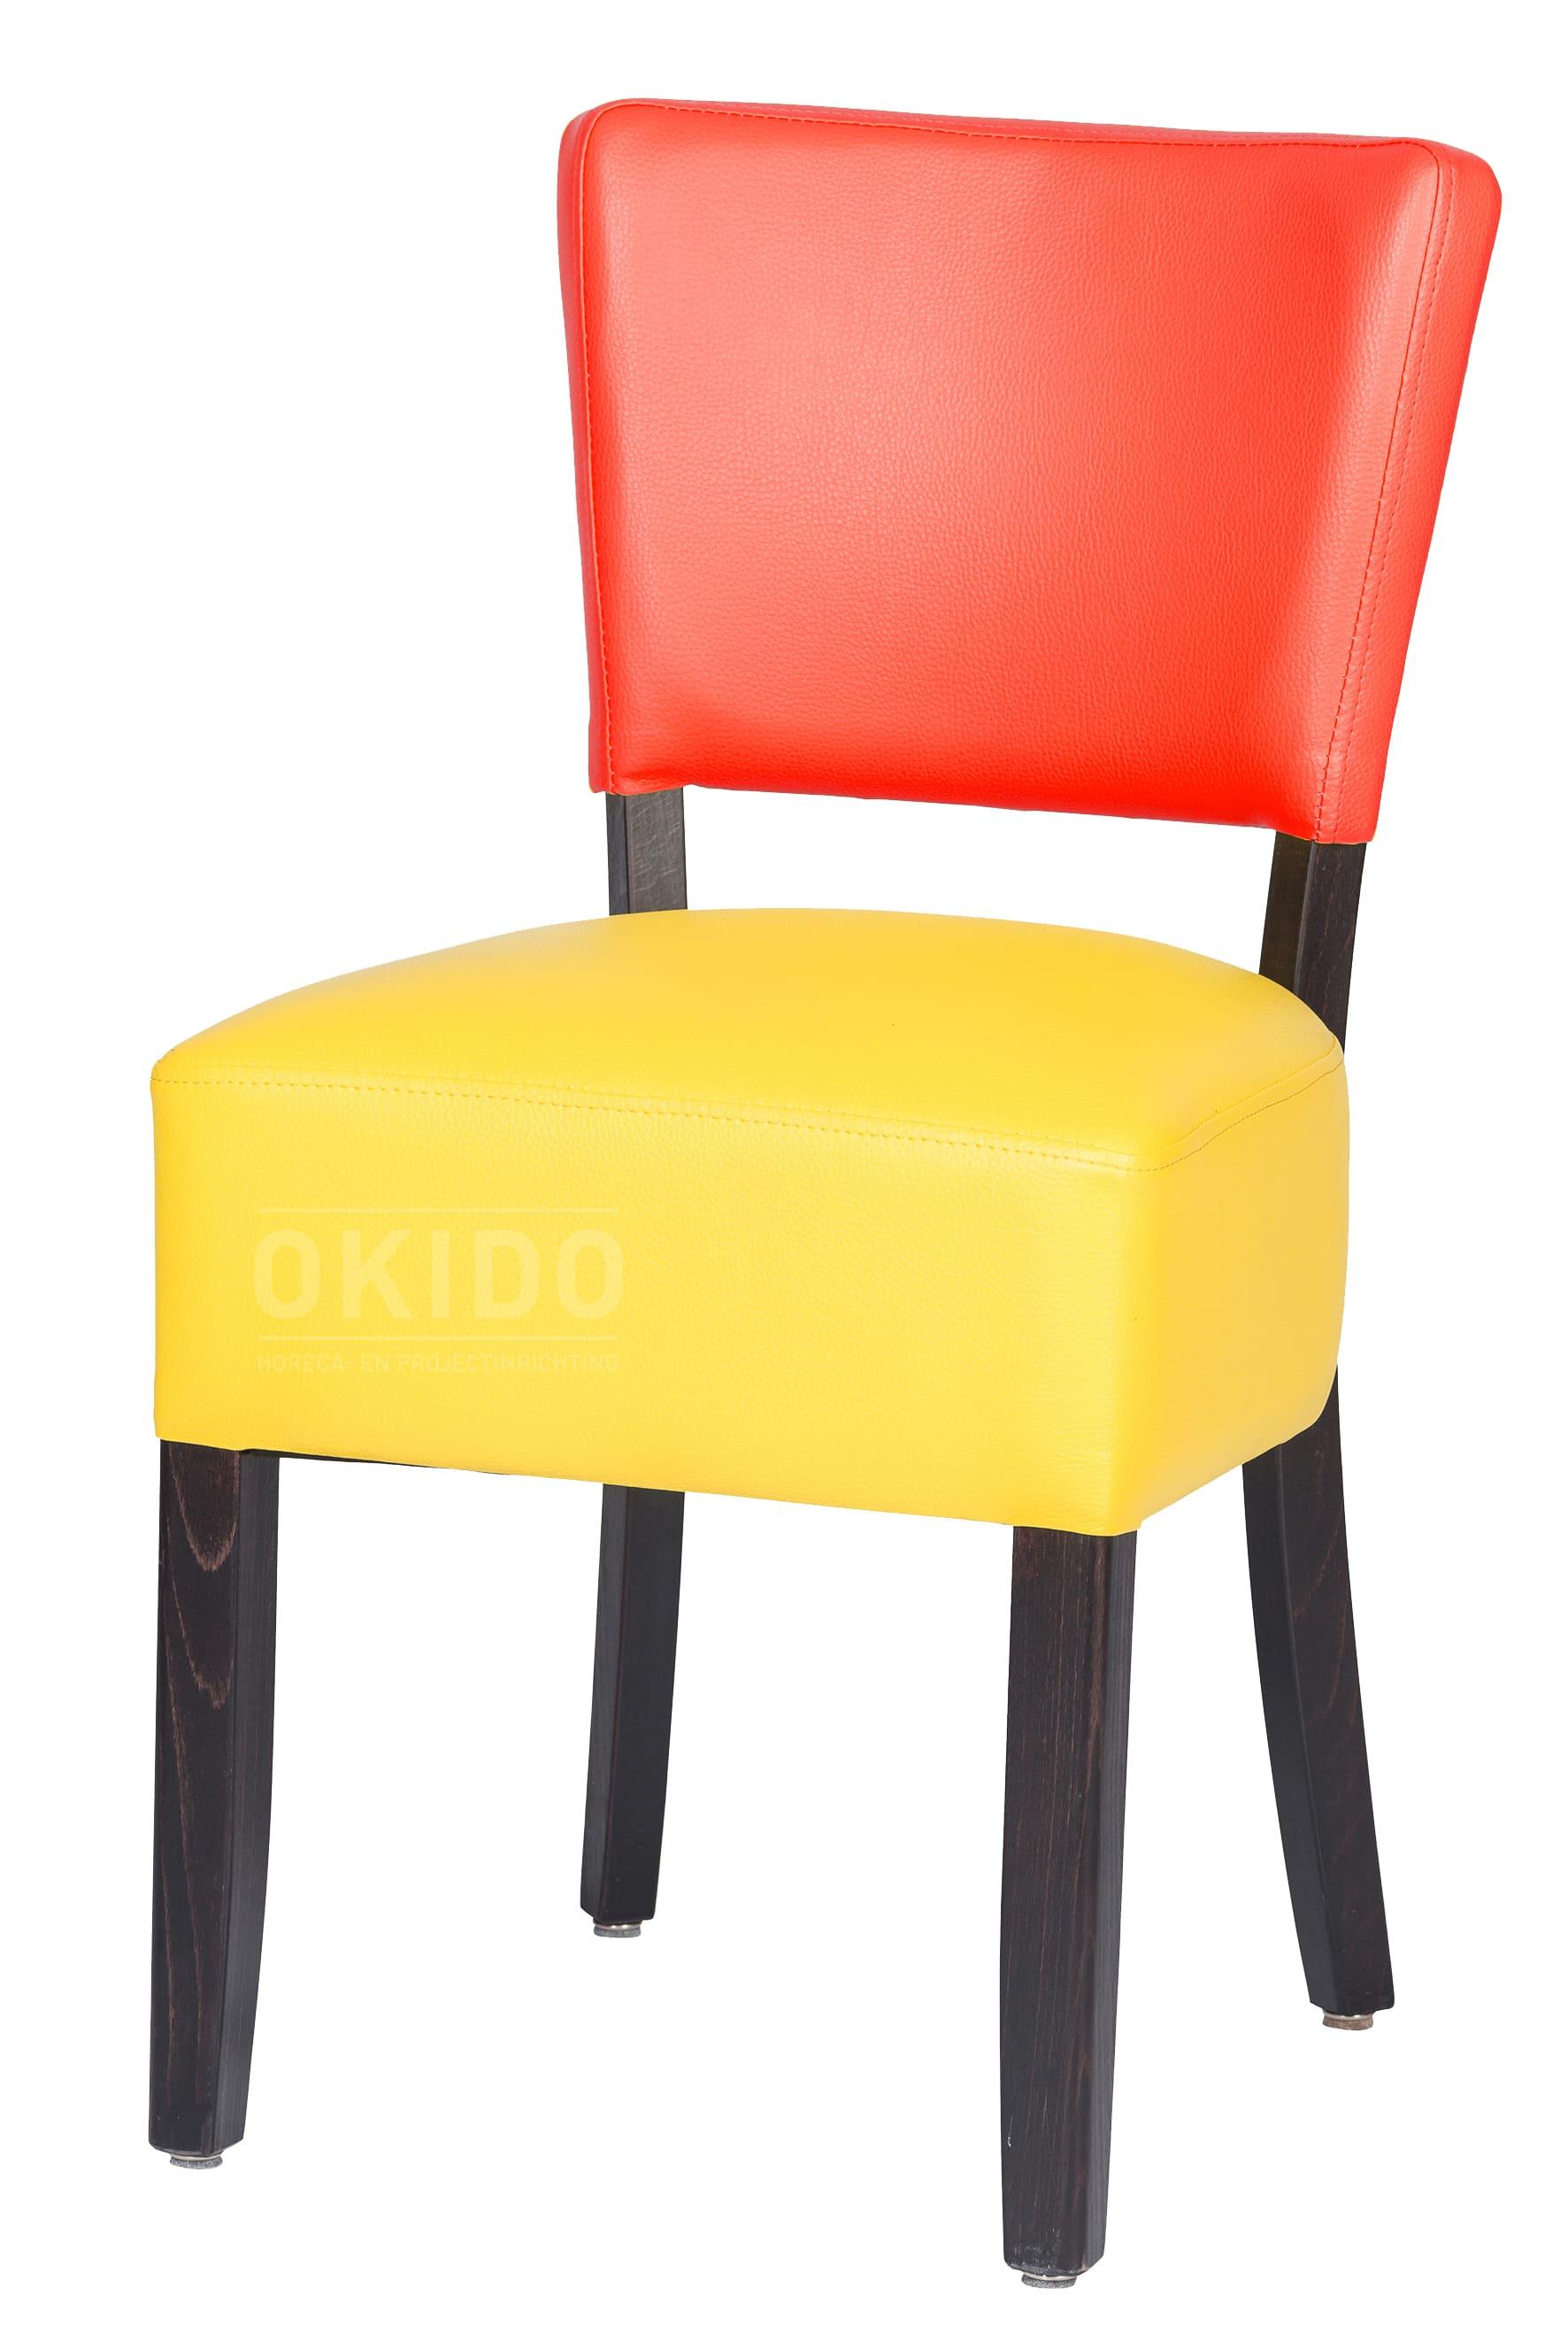 Lisa 2 kleurig rood geel HOOFDFOTO - Stoel Lisa 2-kleurig